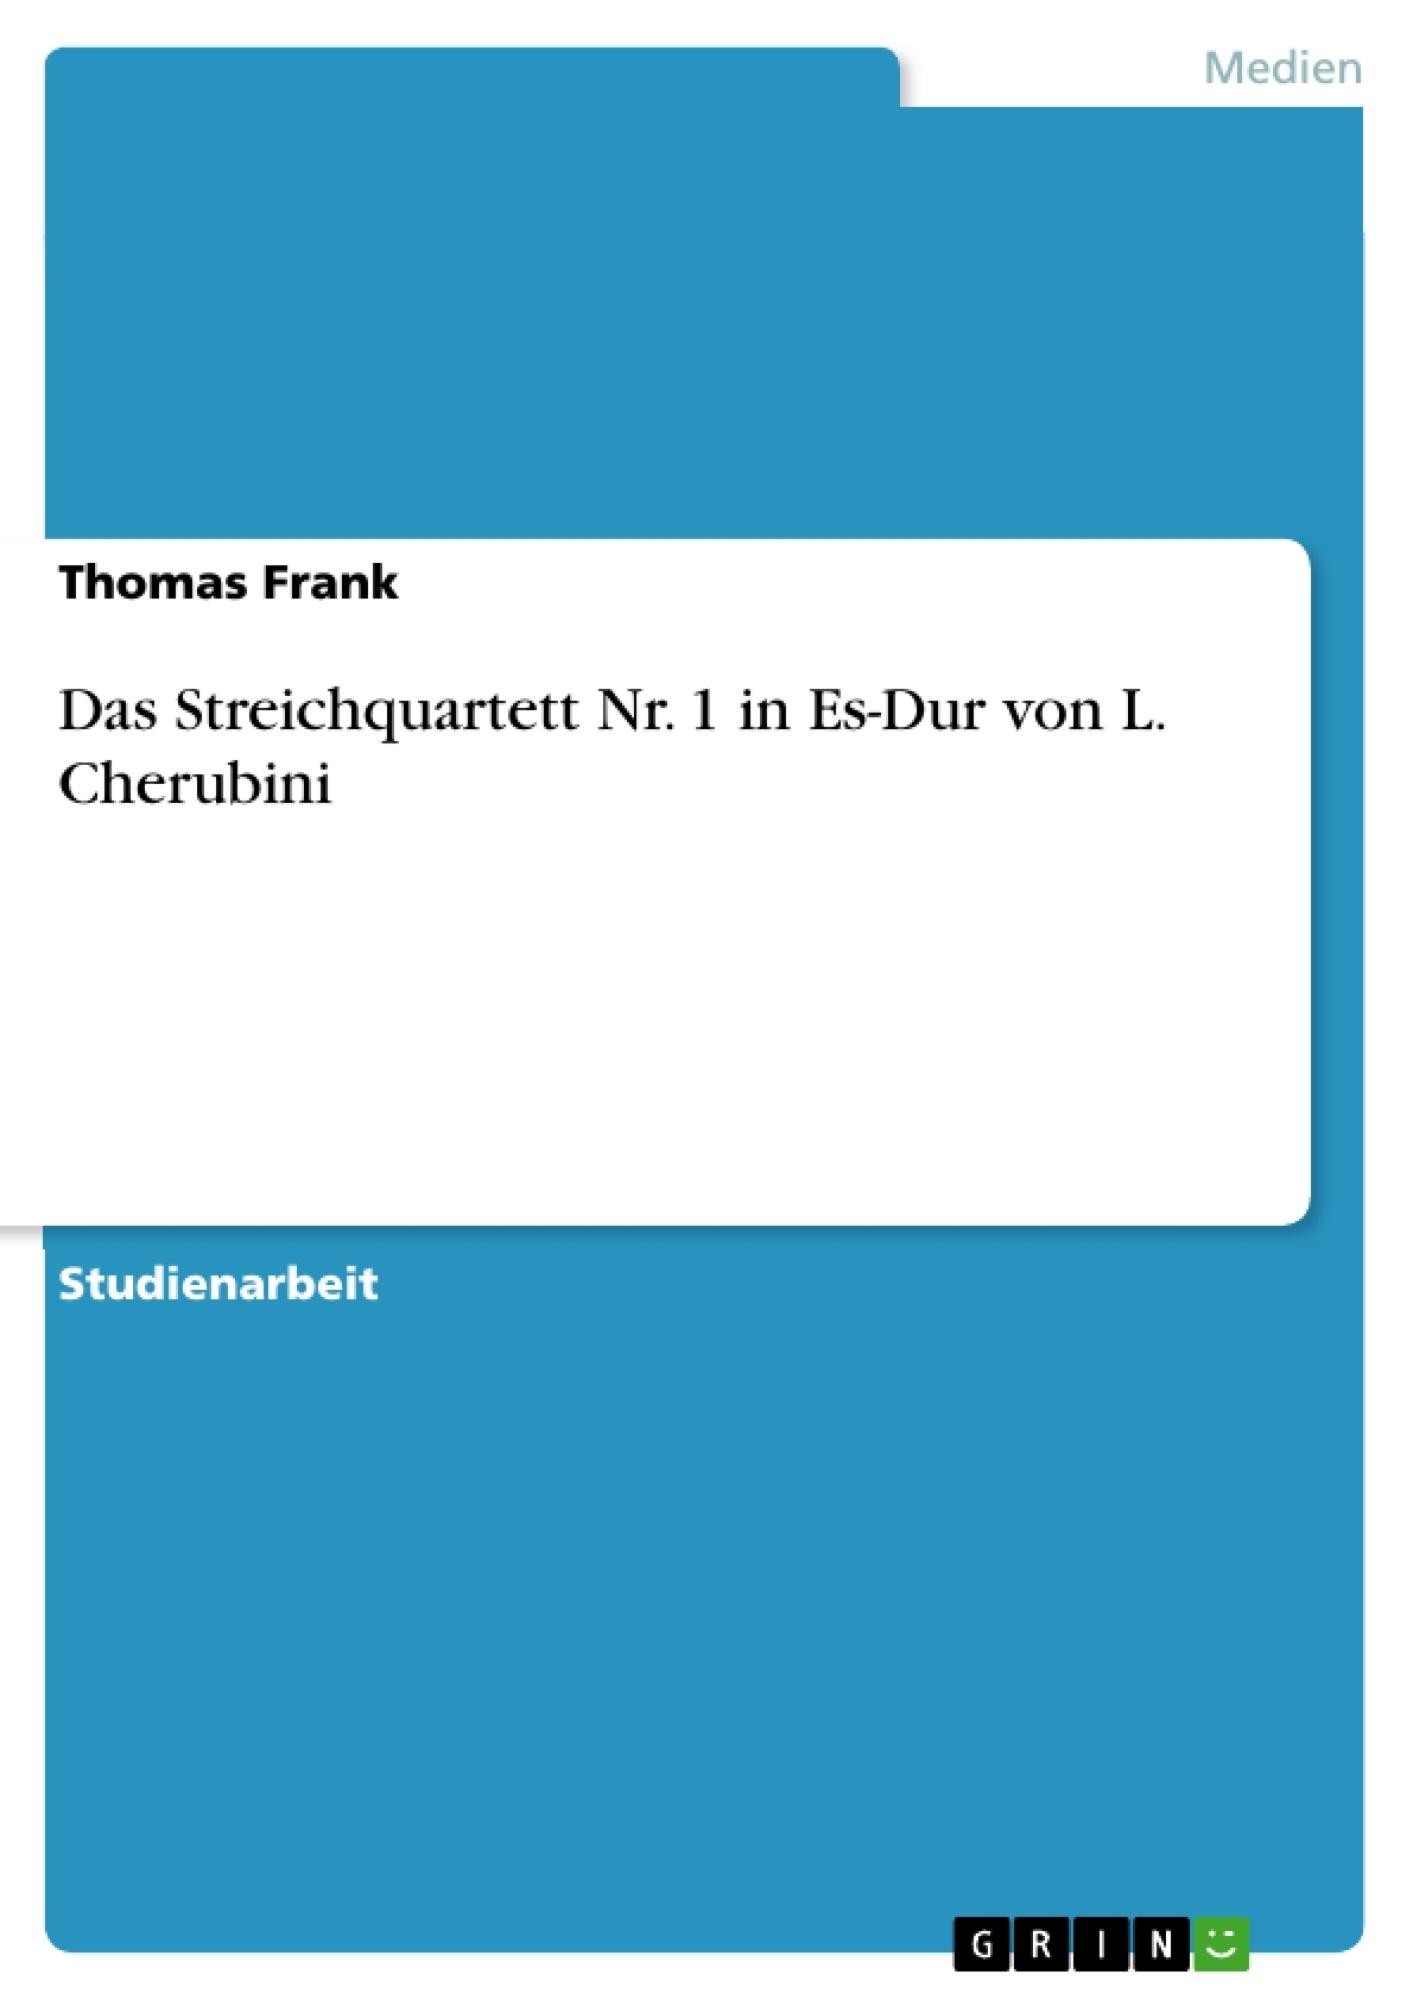 Titel: Das Streichquartett Nr. 1 in Es-Dur von L. Cherubini